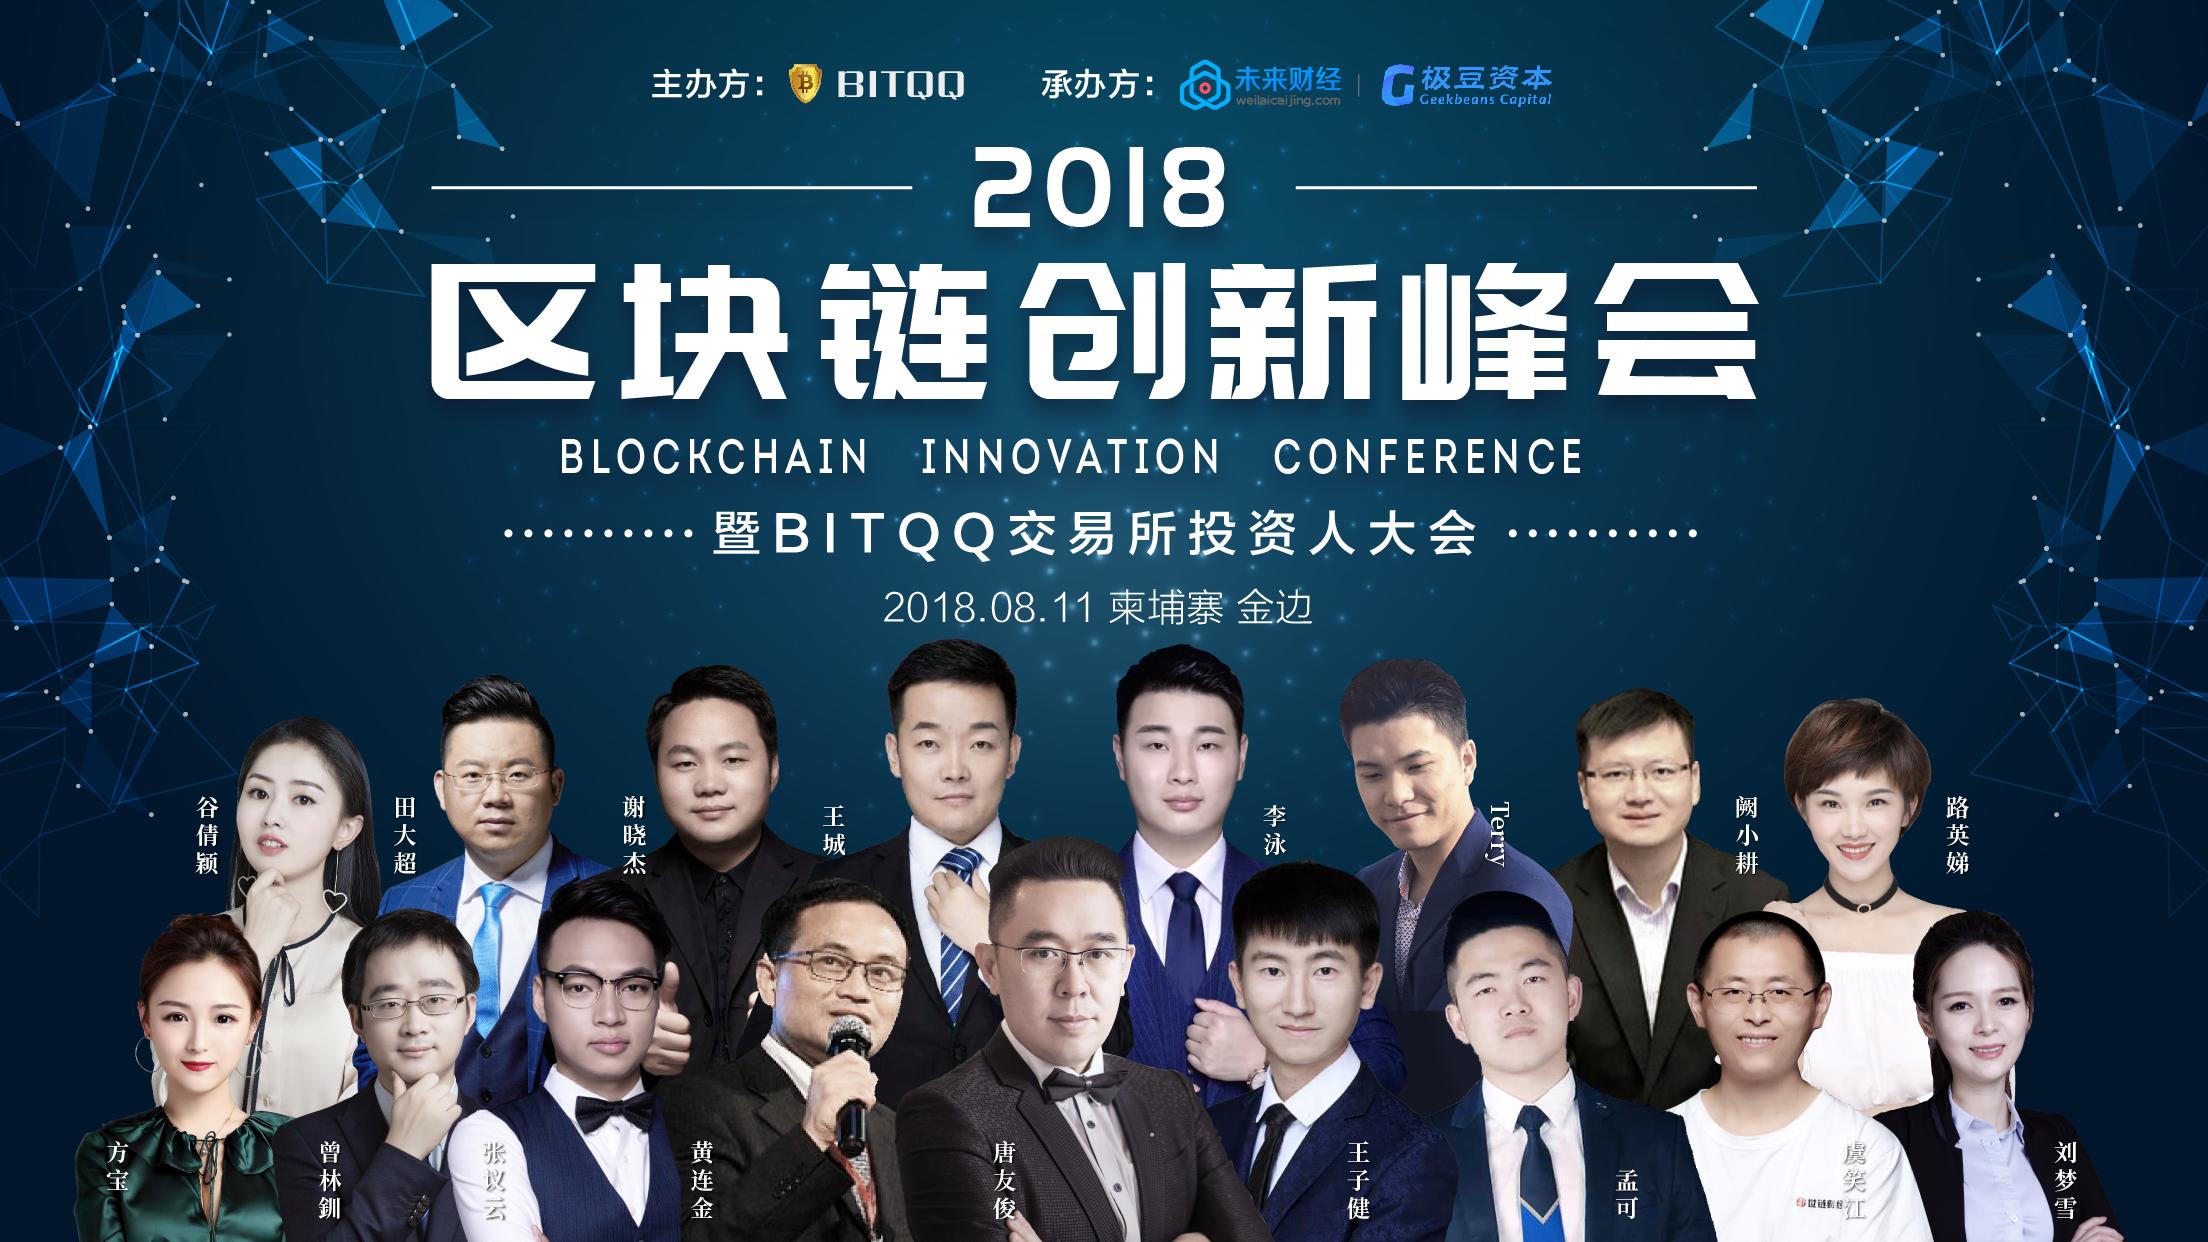 区块链大咖集结令,2018区块链创新大会盛世启航 | 柬埔寨站